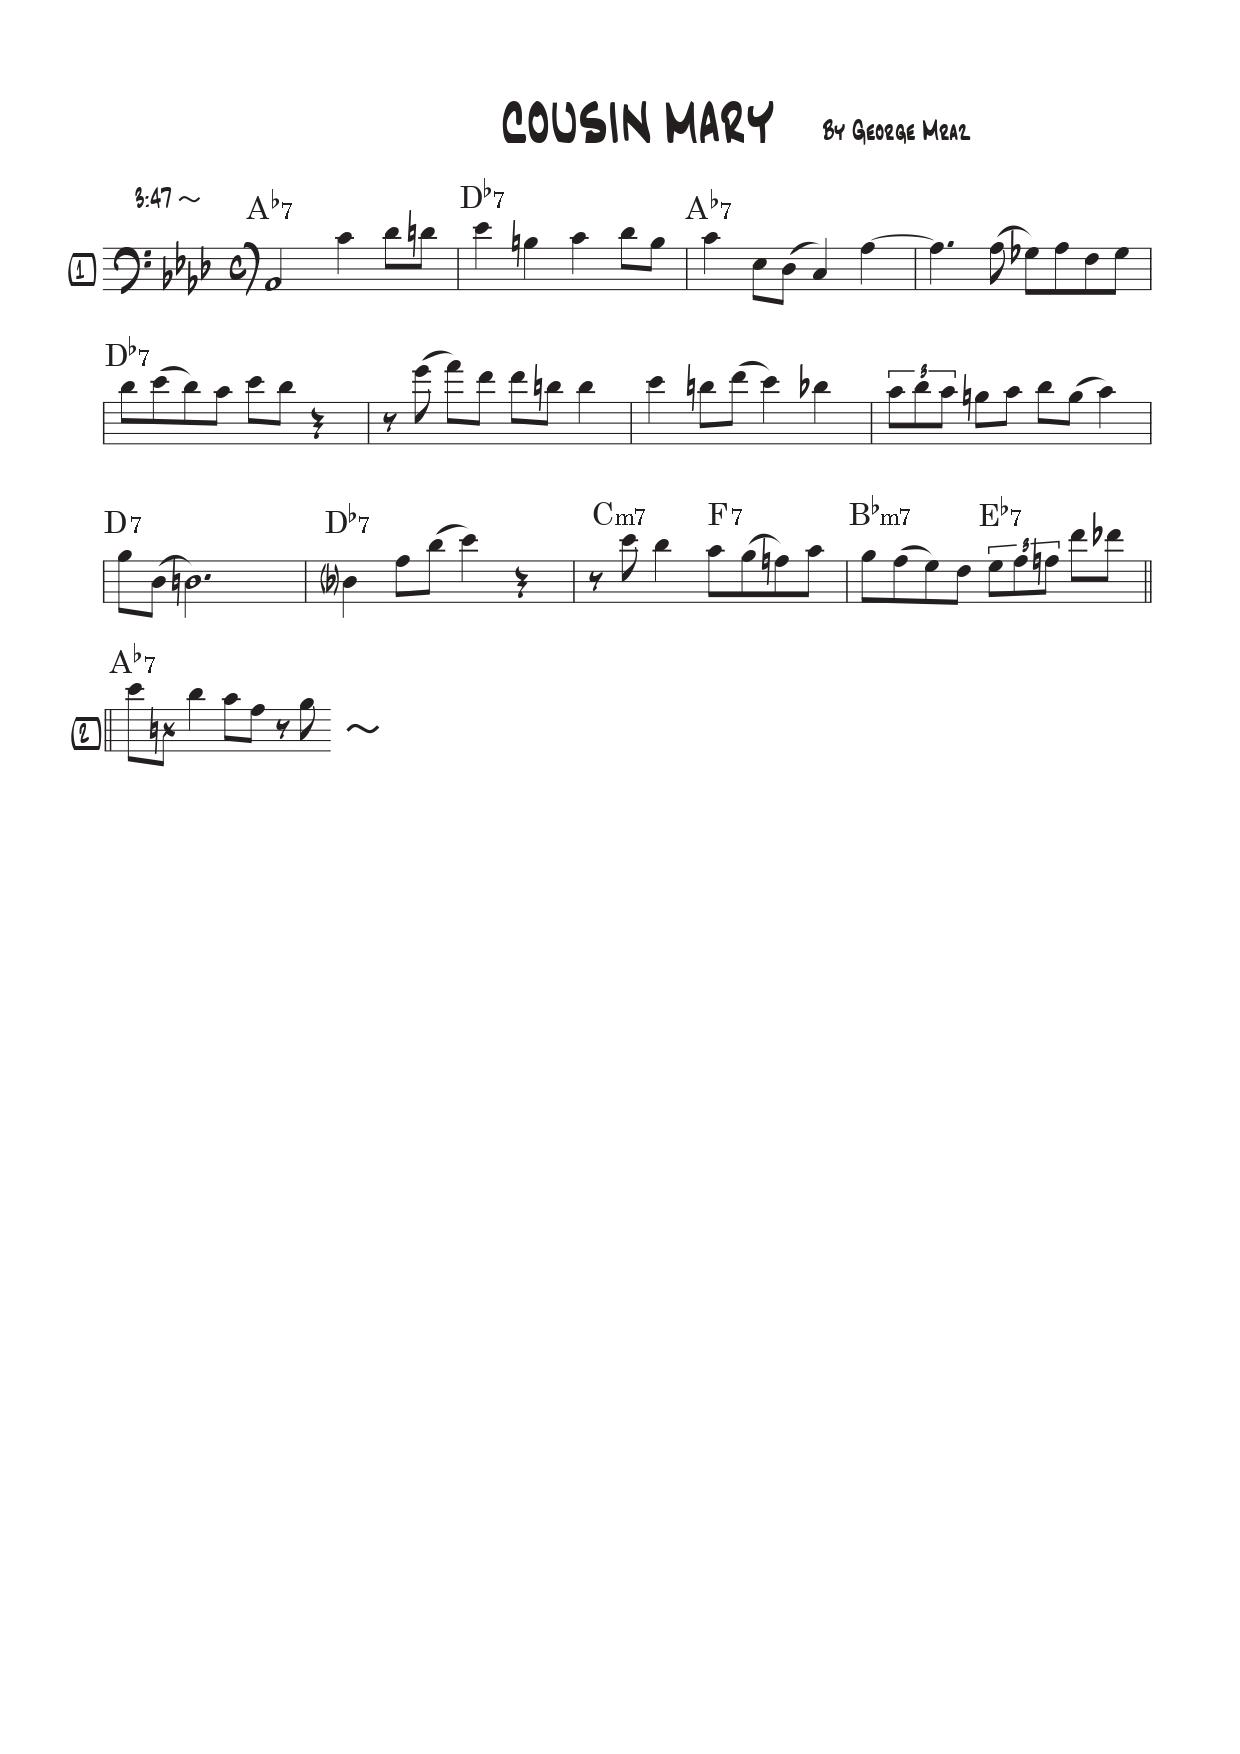 「Cousin Mary」こんな曲をコピーしてきたby ジョージ・ムラーツ